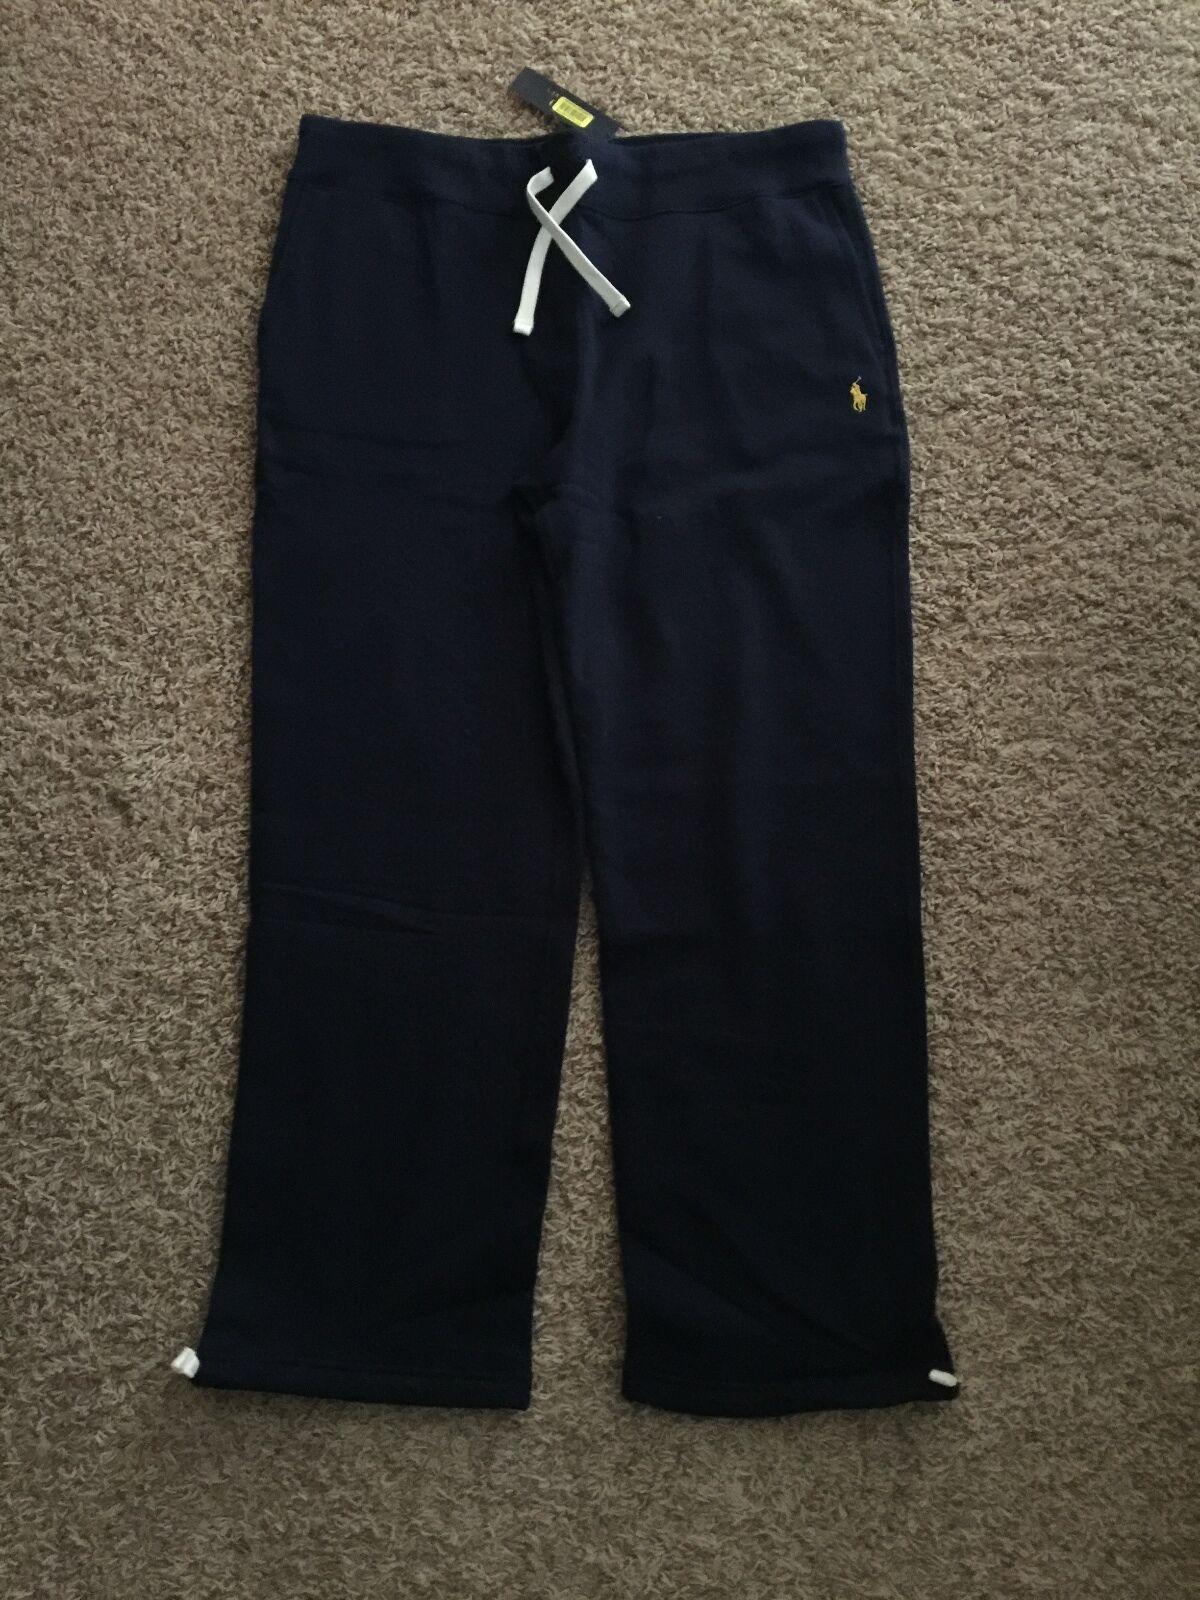 Herren Kurze Hosen von Ralph Lauren: bis zu −50% | Stylight